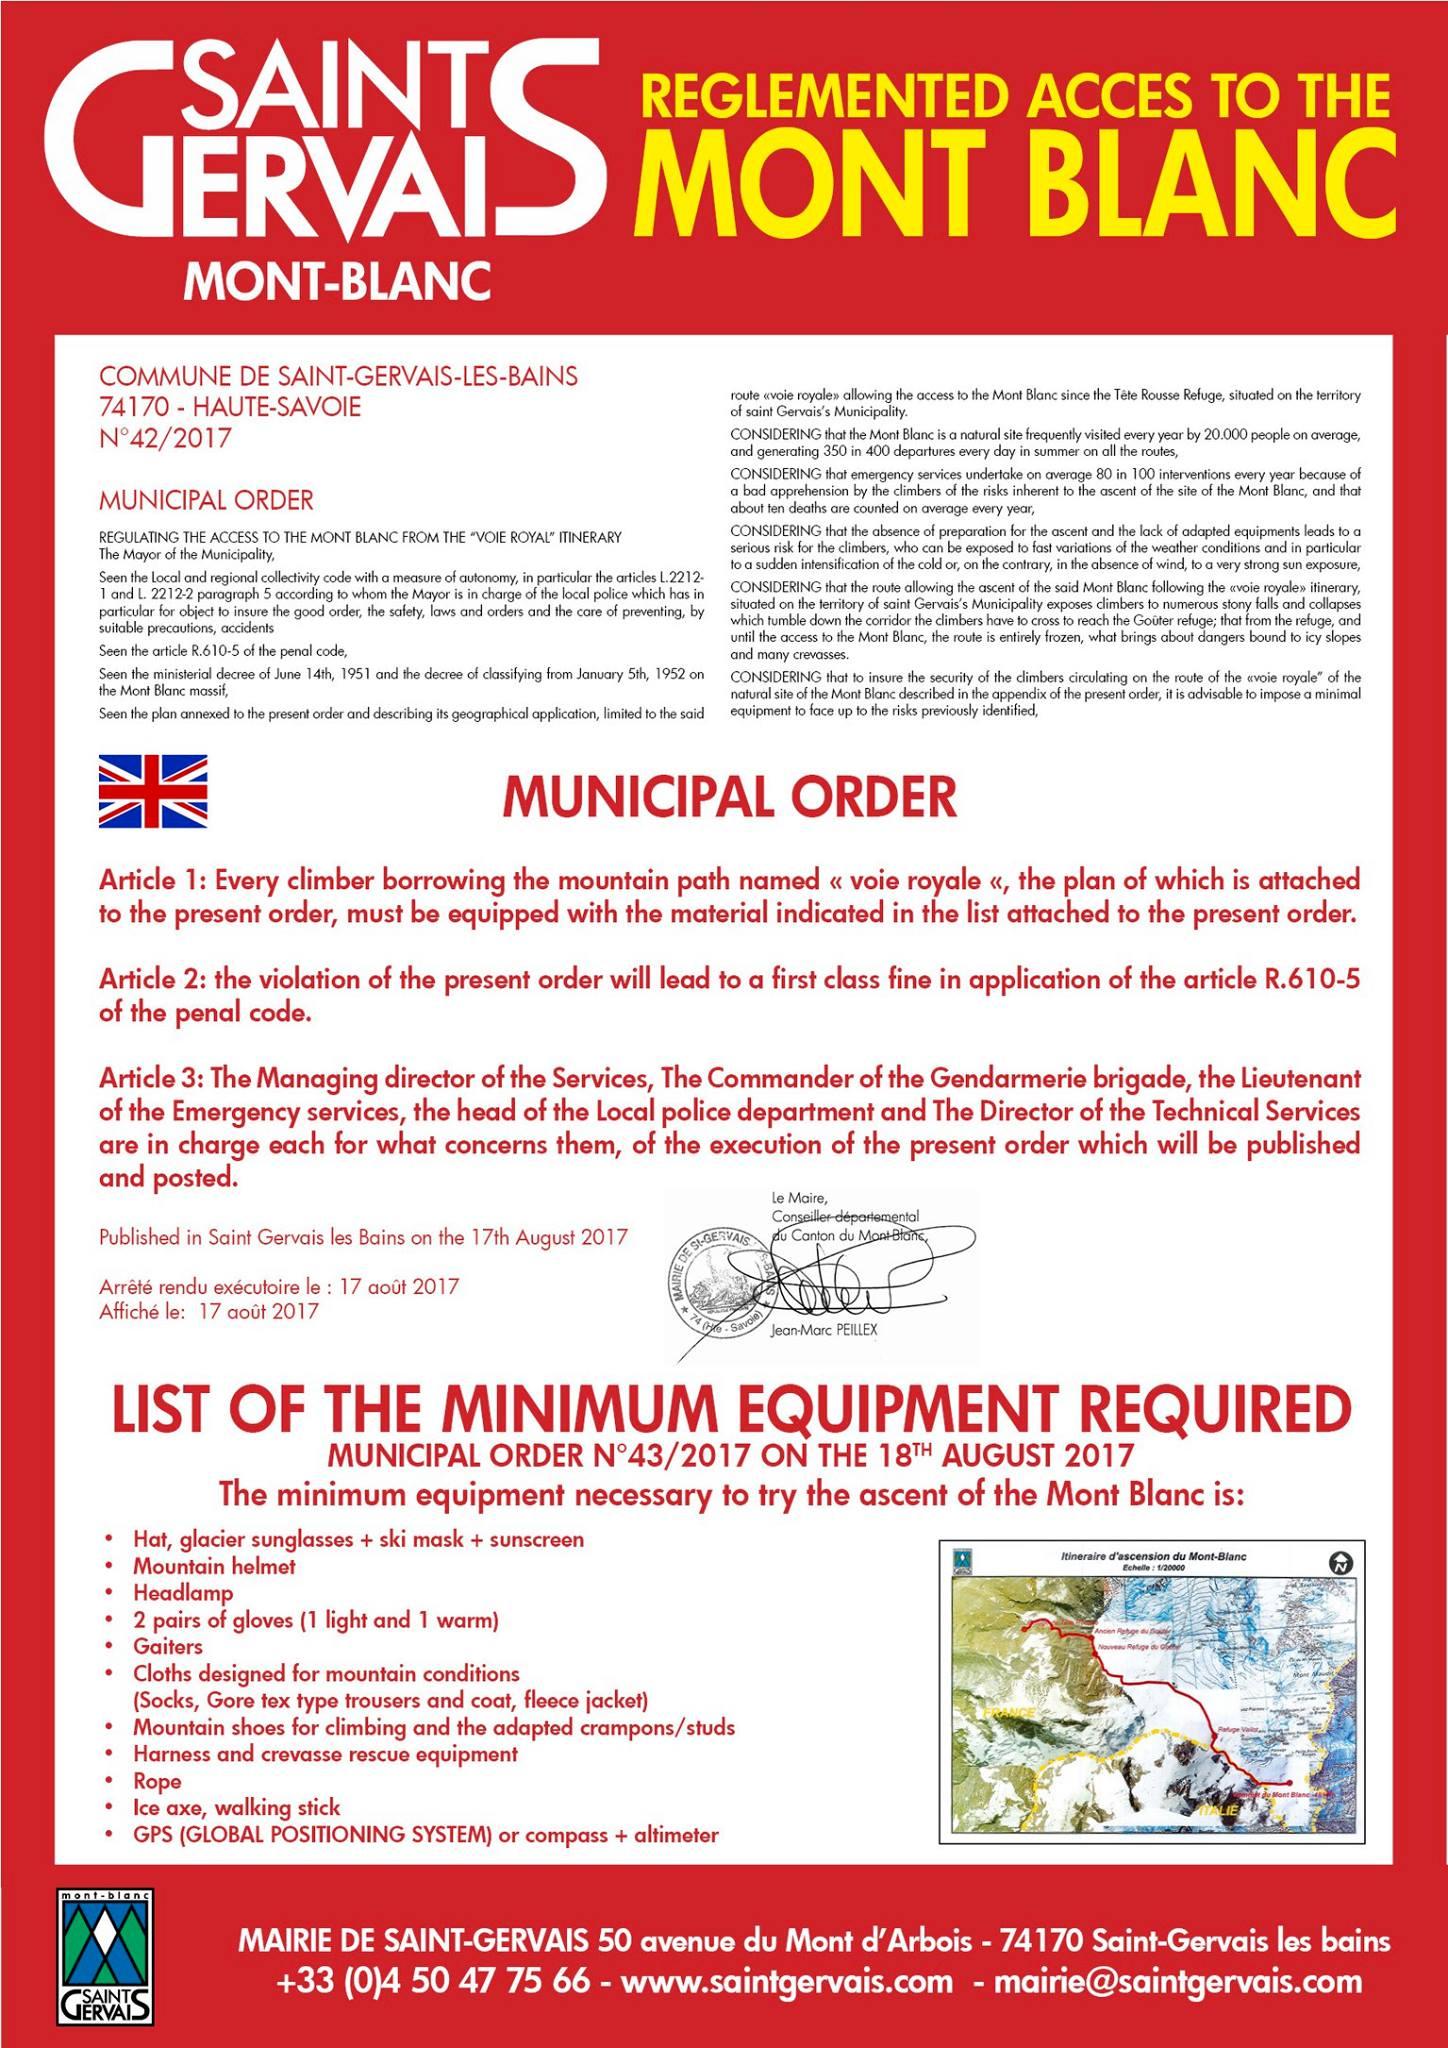 A rendelet szövege angolul Forrás: St. Gervais les Bains Facebook